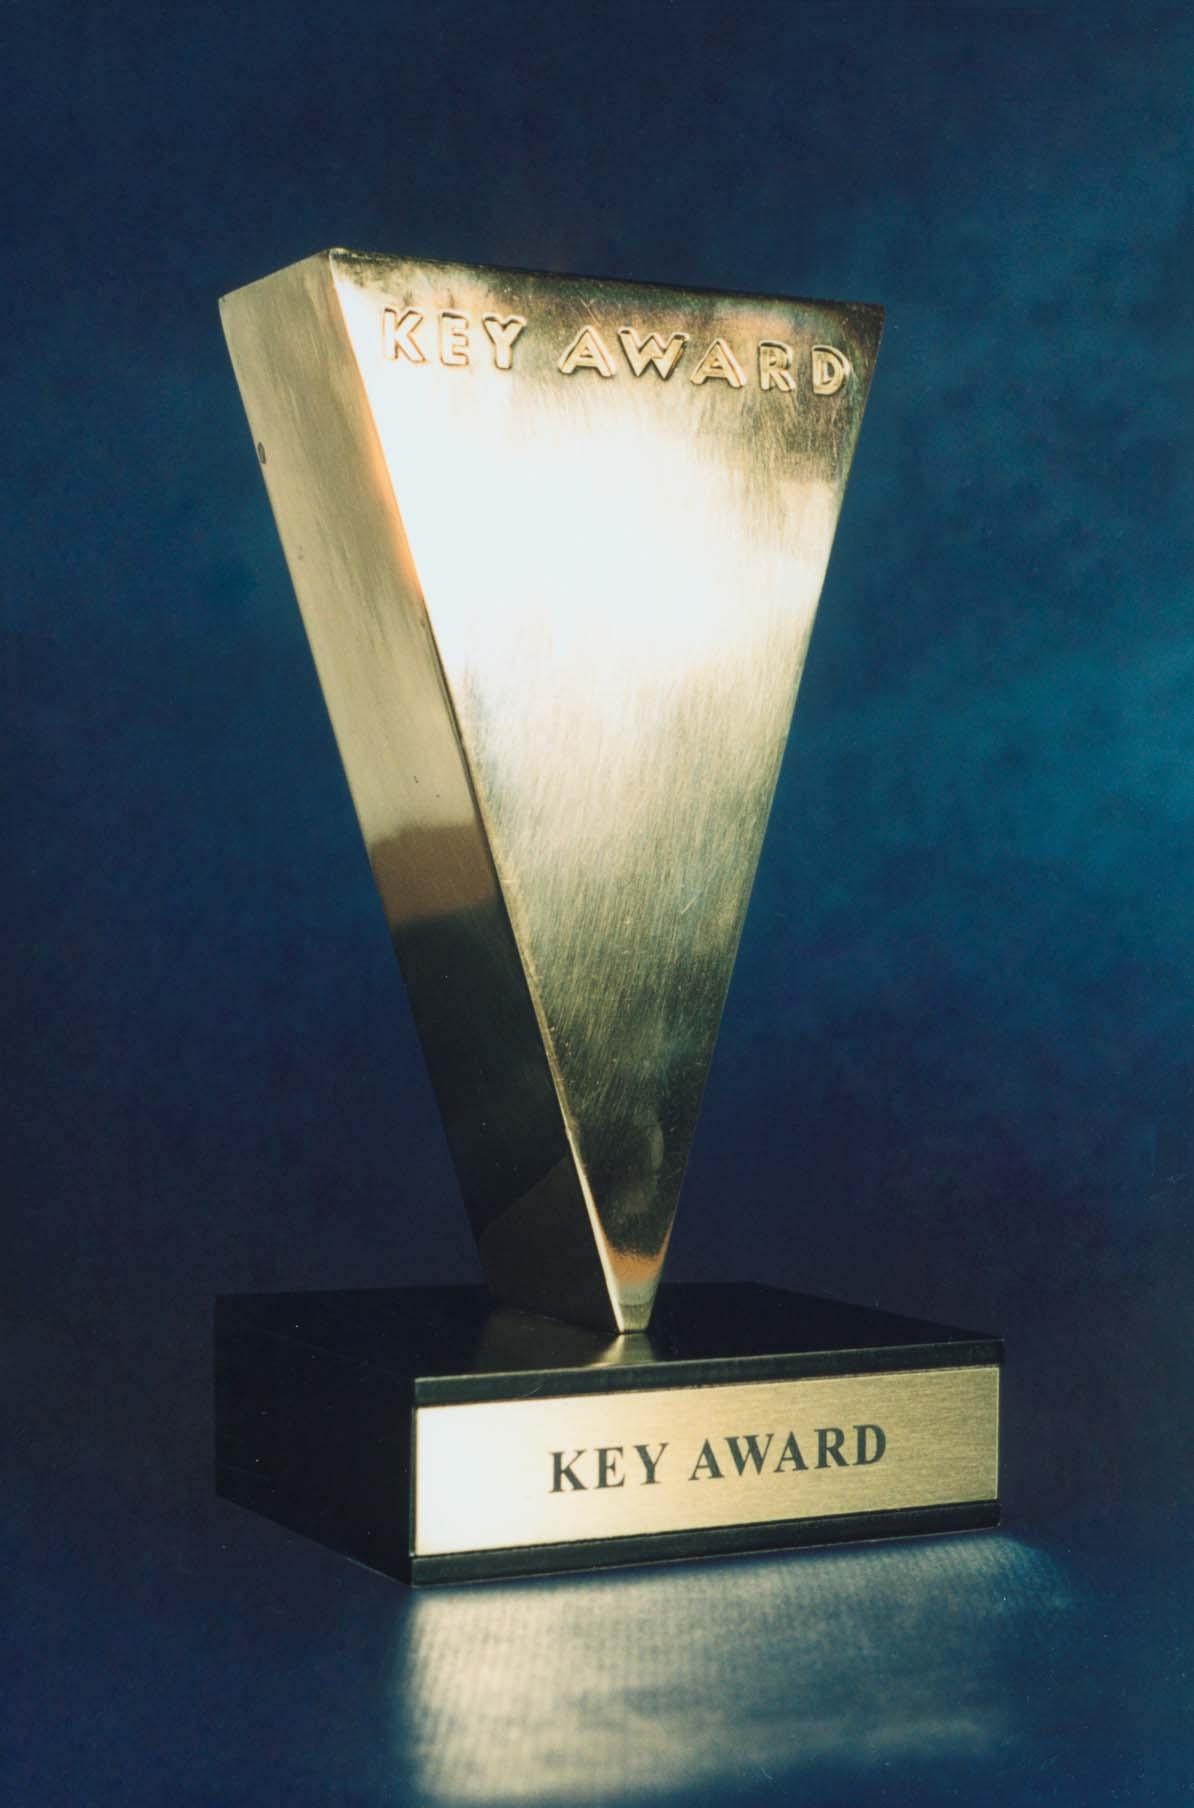 Massimo Lopez per la 40esima edizione del Key Award